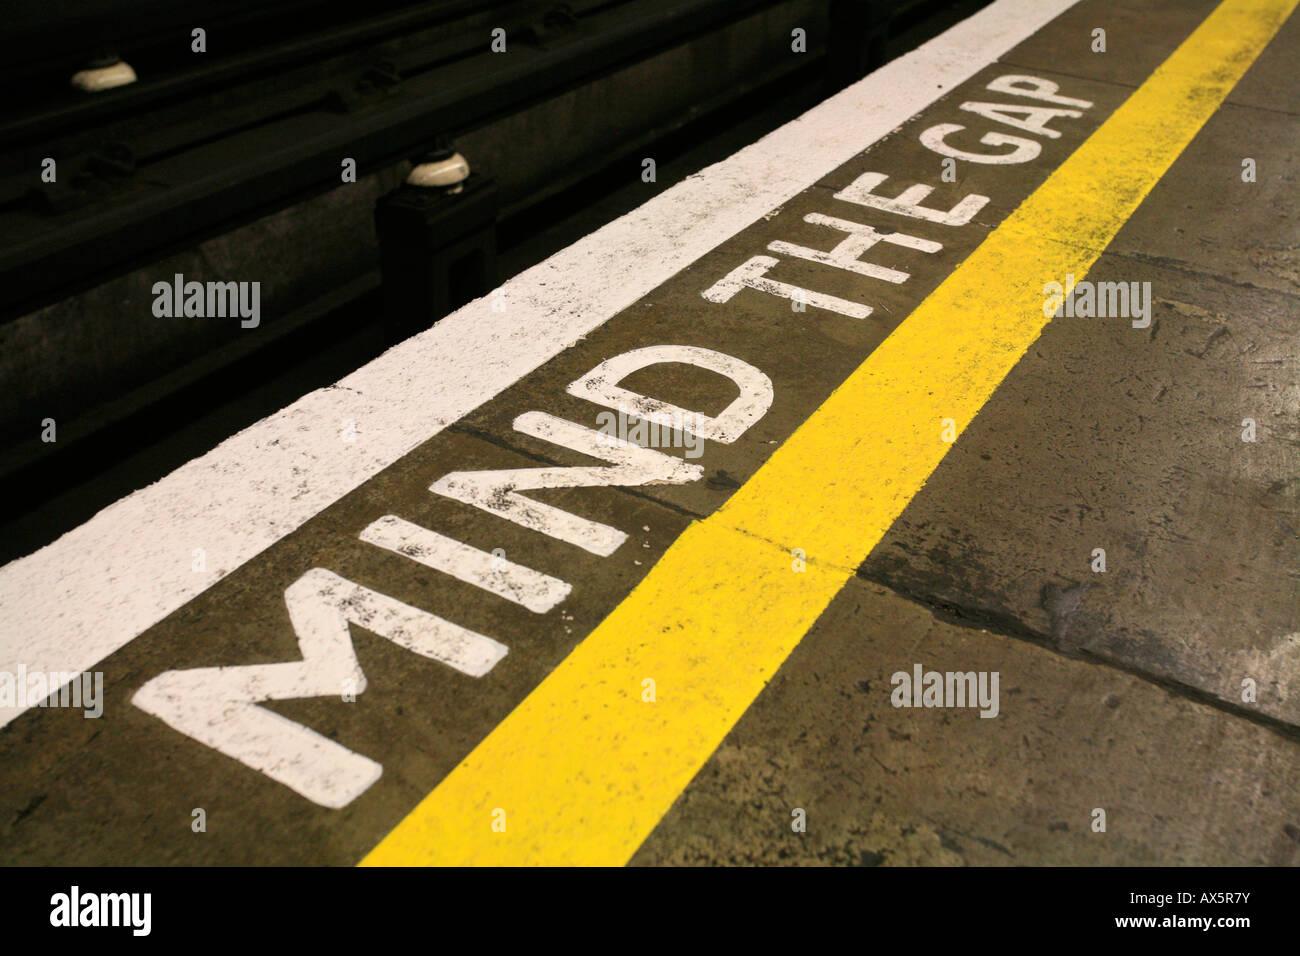 Mind the Gap - Sicherheit Erinnerung am u-Bahnhof South Wimbledon, London, England, UK, Europa Stockbild